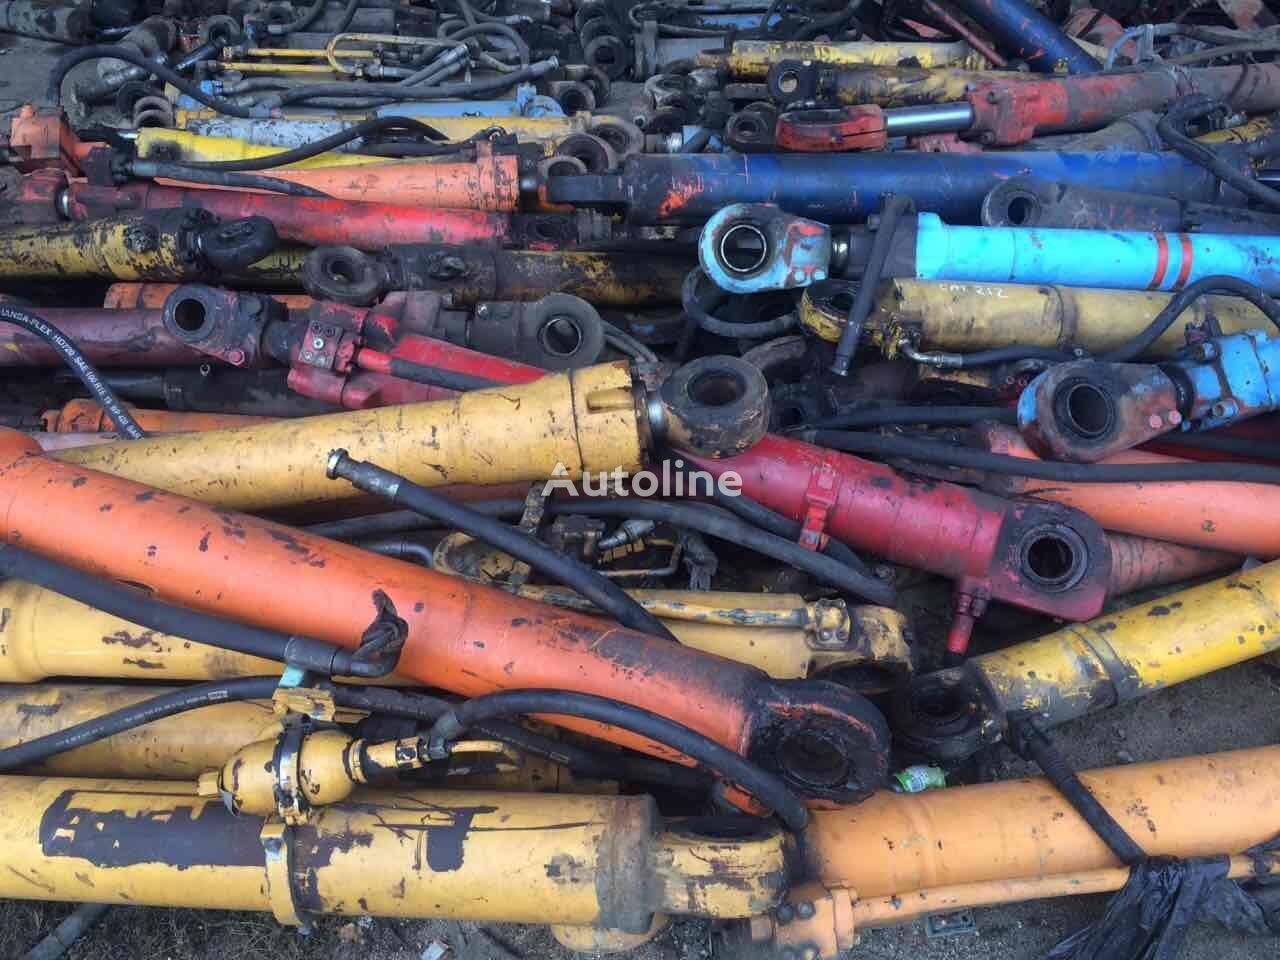 912 LITRONIK hydraulic cylinder for LIEBHERR 912 902 922 900 excavator